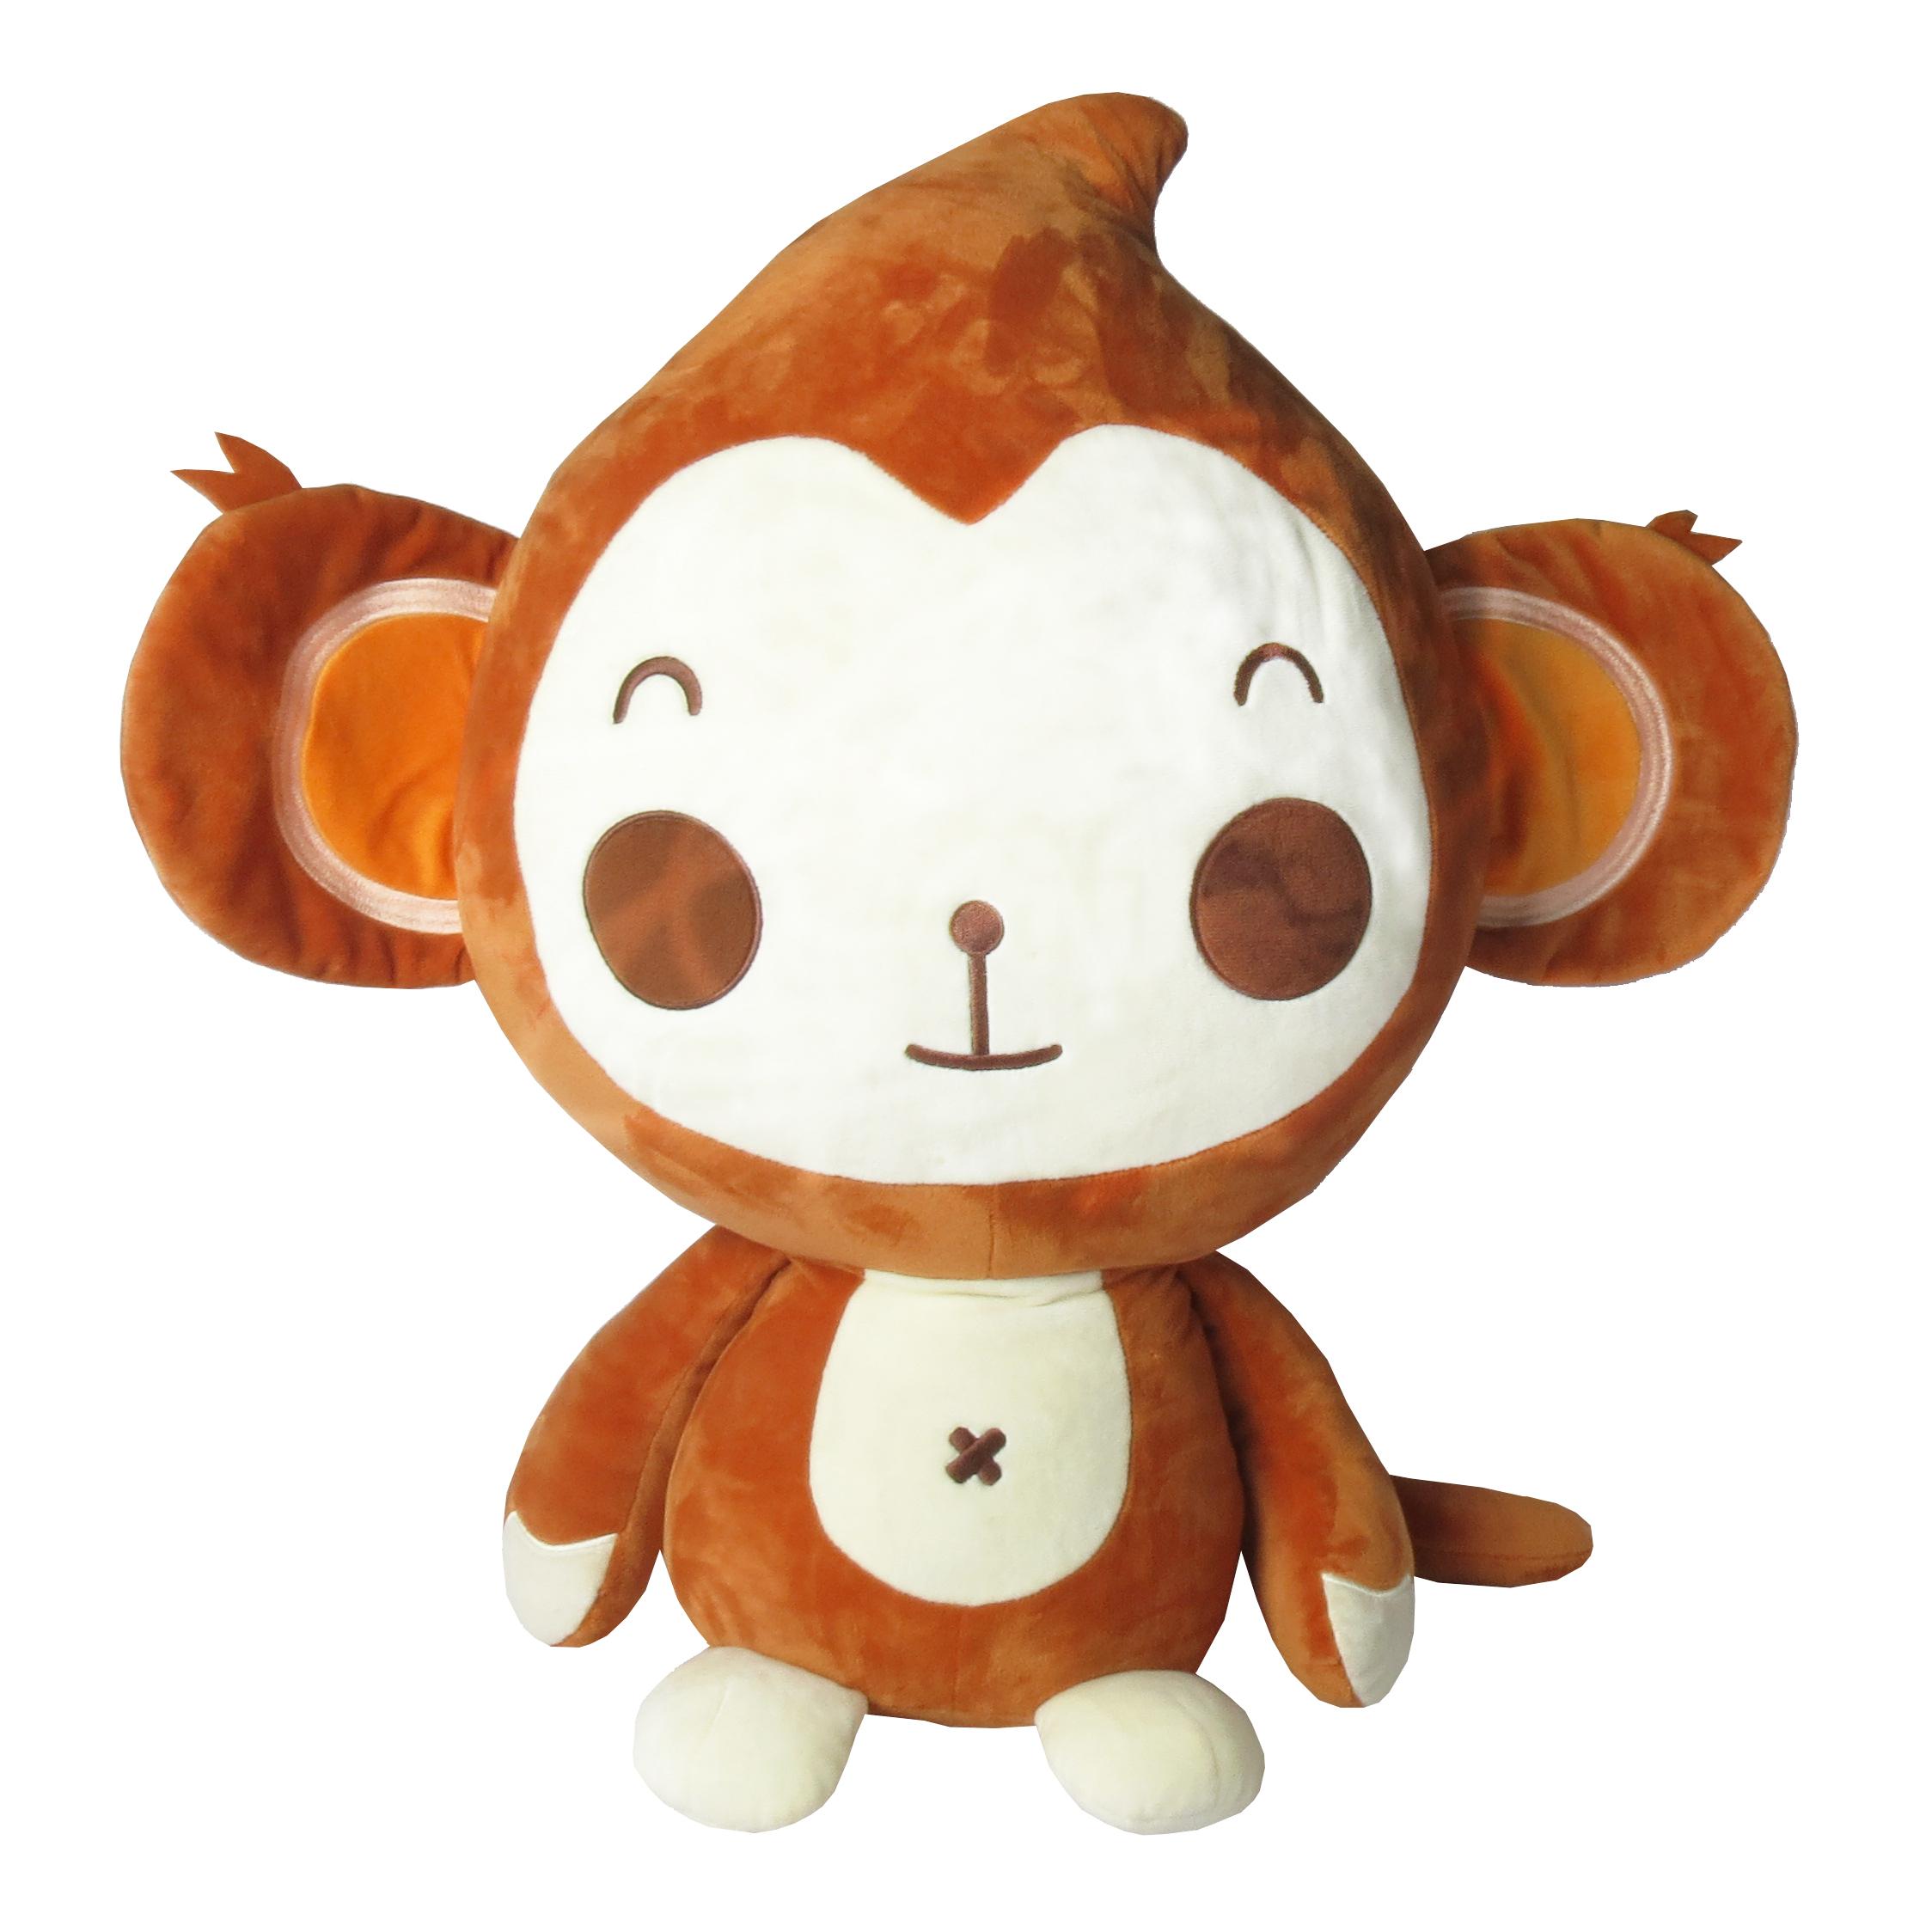 深圳毛绒玩具厂家定做毛绒动物公仔广告礼品赠送吉祥物定制